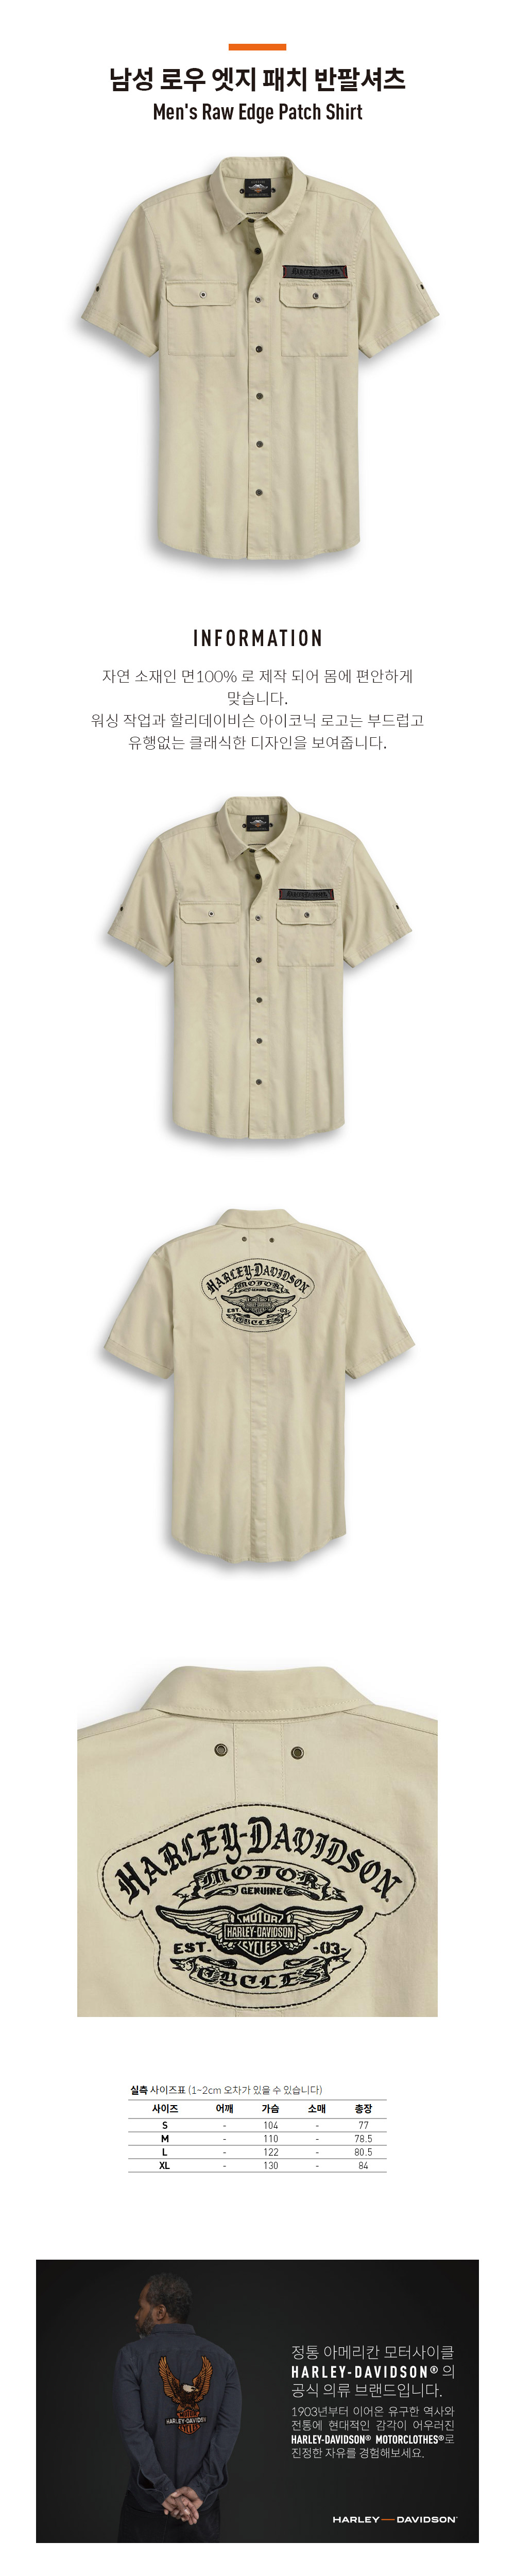 남성 로우 엣지 패치 반팔셔츠